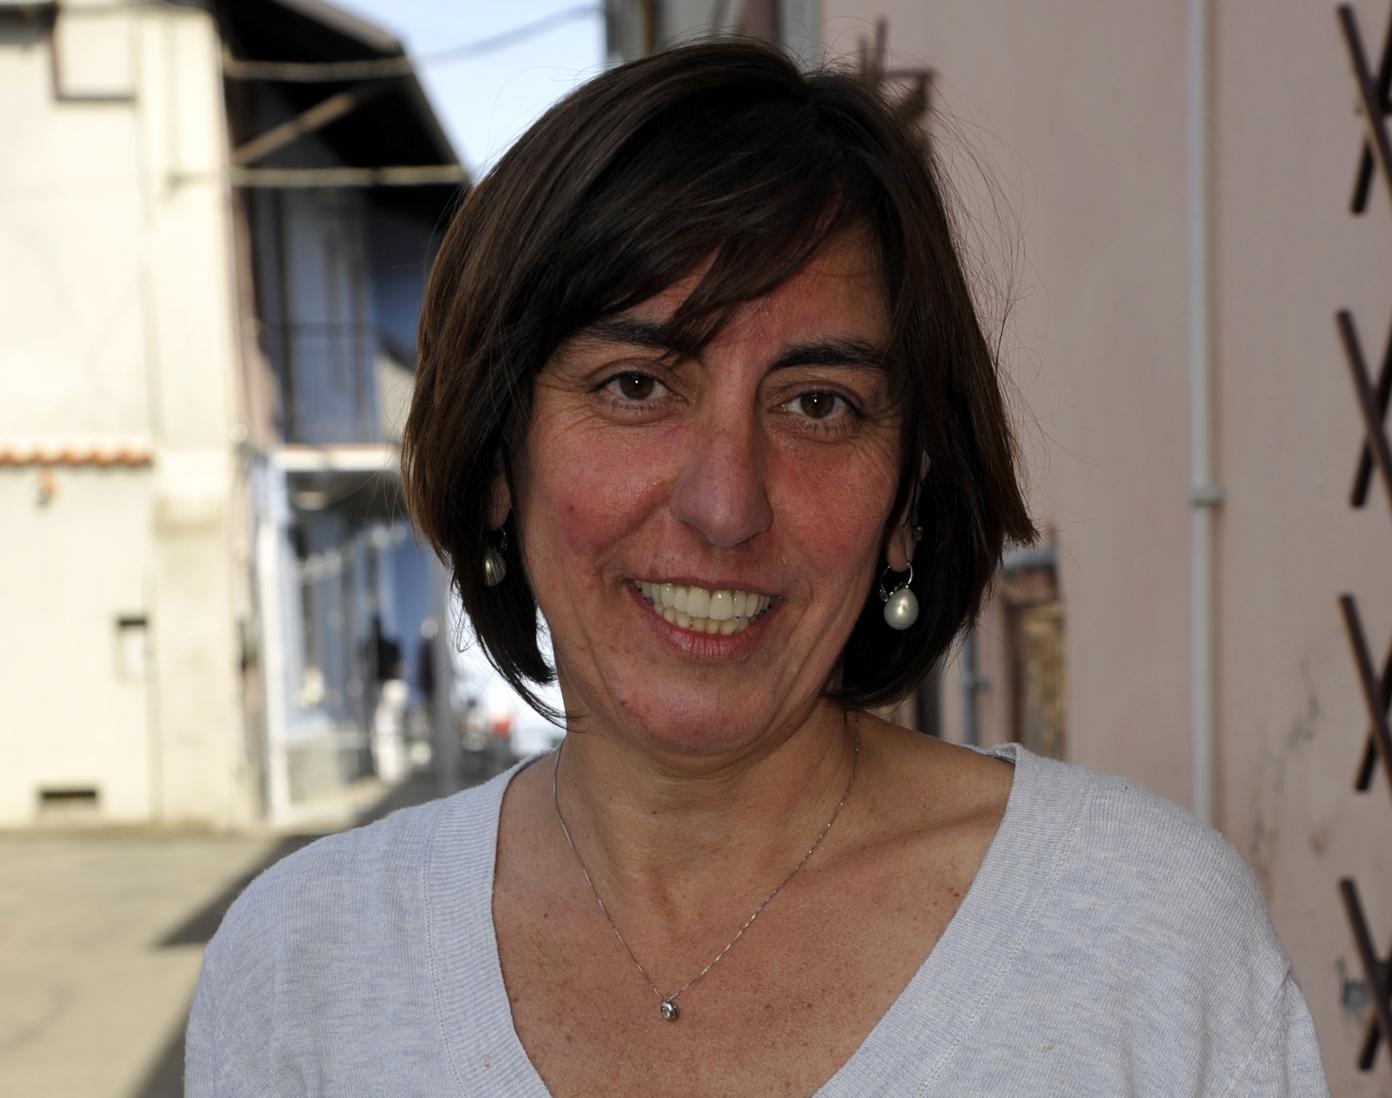 Matilde Casa, prima cittadina di Lauriano in provincia di Torino